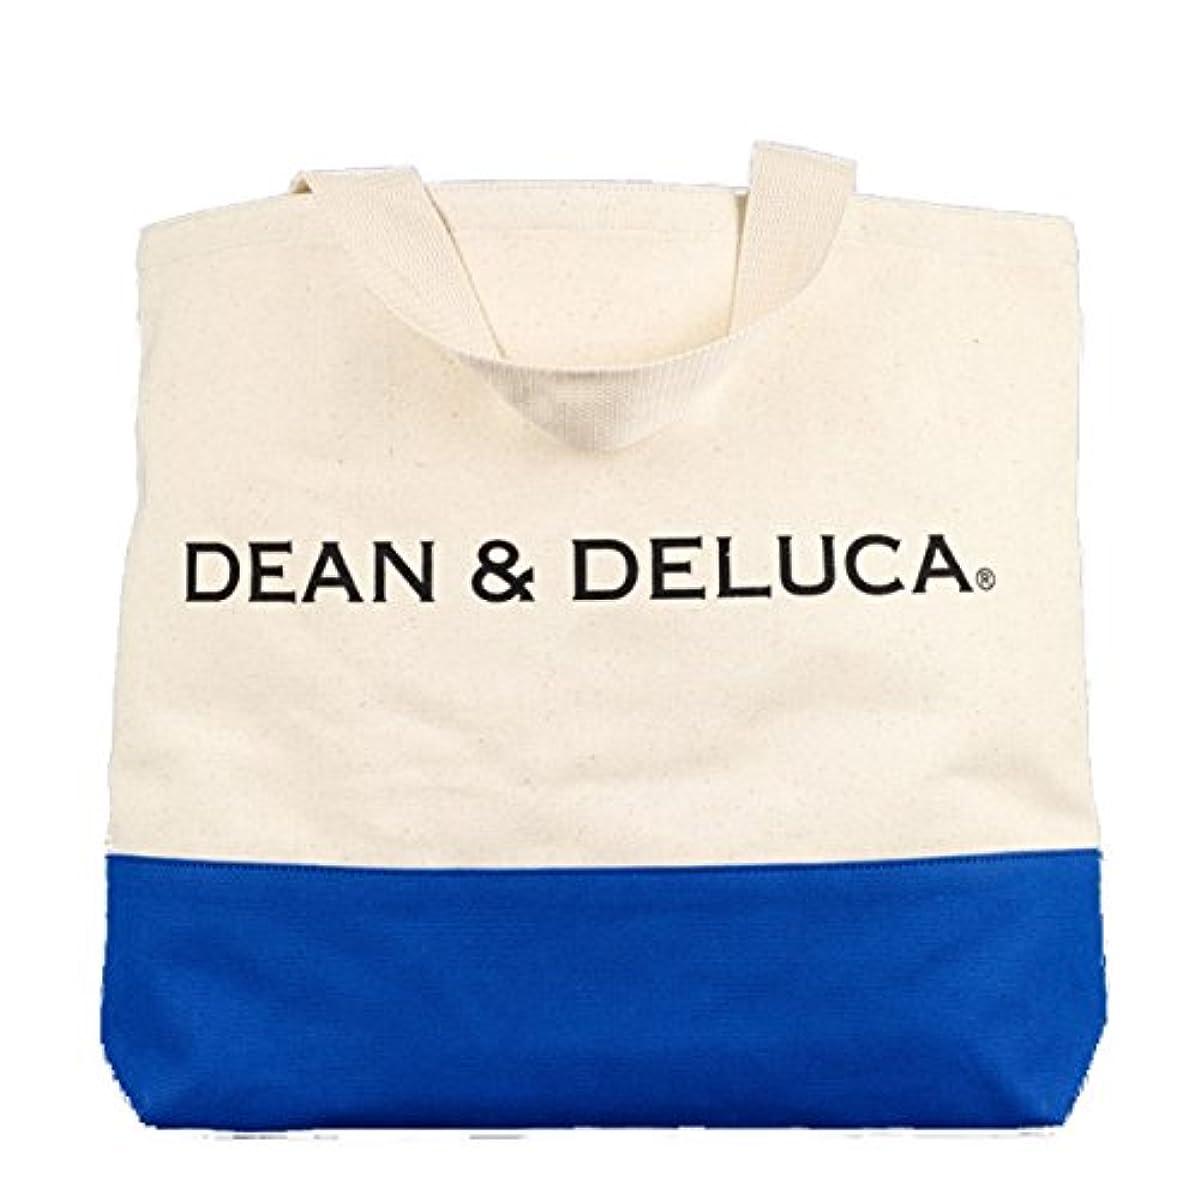 딘앤델루카(Dean&Deluca) 토트백 블루 미국 한정품 IN0540